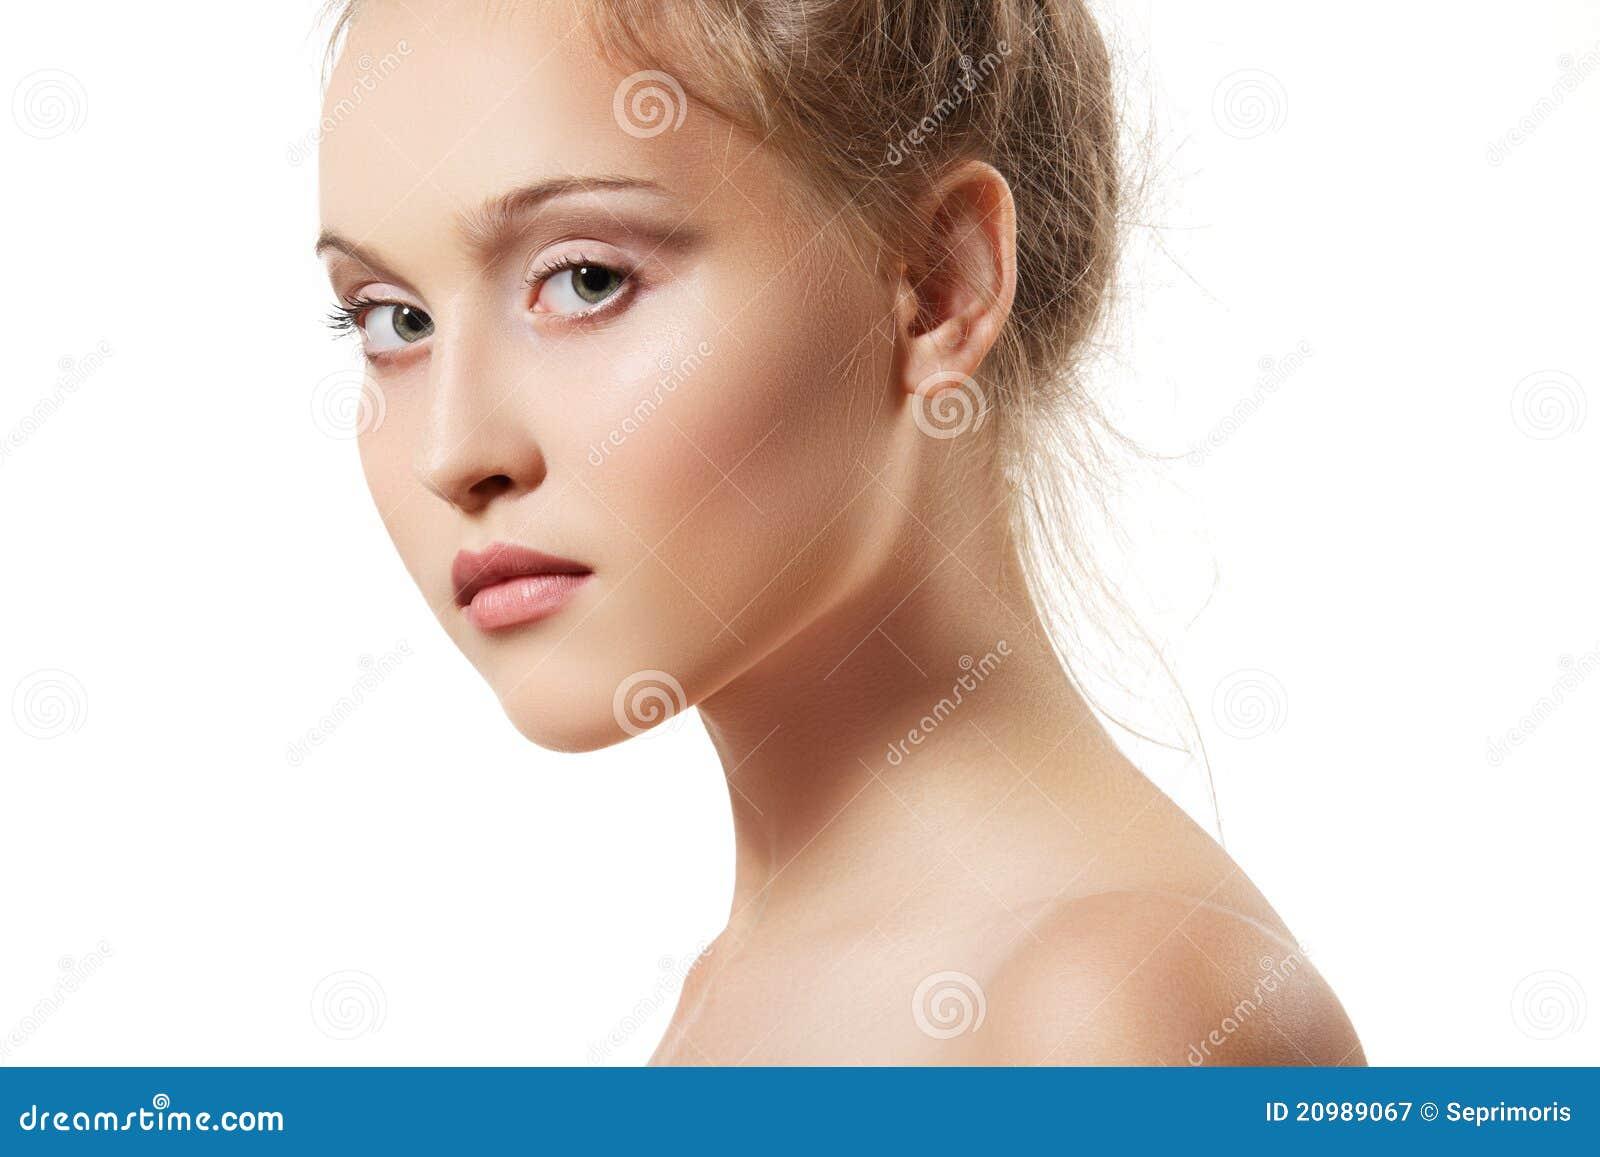 Teen girl model images for Skins beauty salon